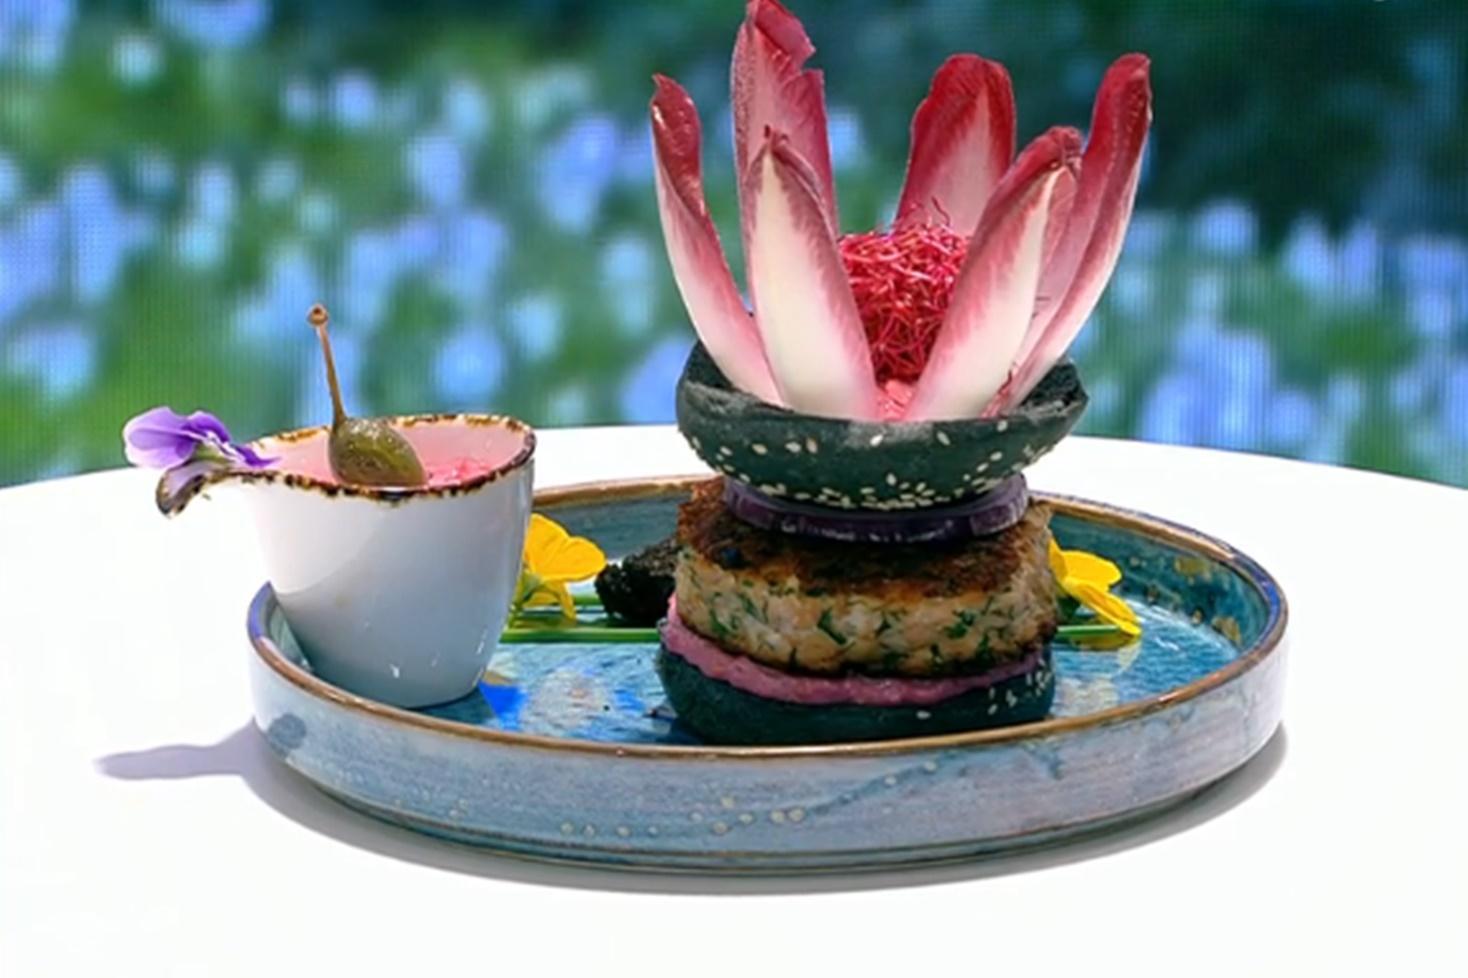 Burger de somon cu sos de sfeclă roșie și maioneză, rețeta lui Vlăduț de la Neatza cu Răzvan şi Dani